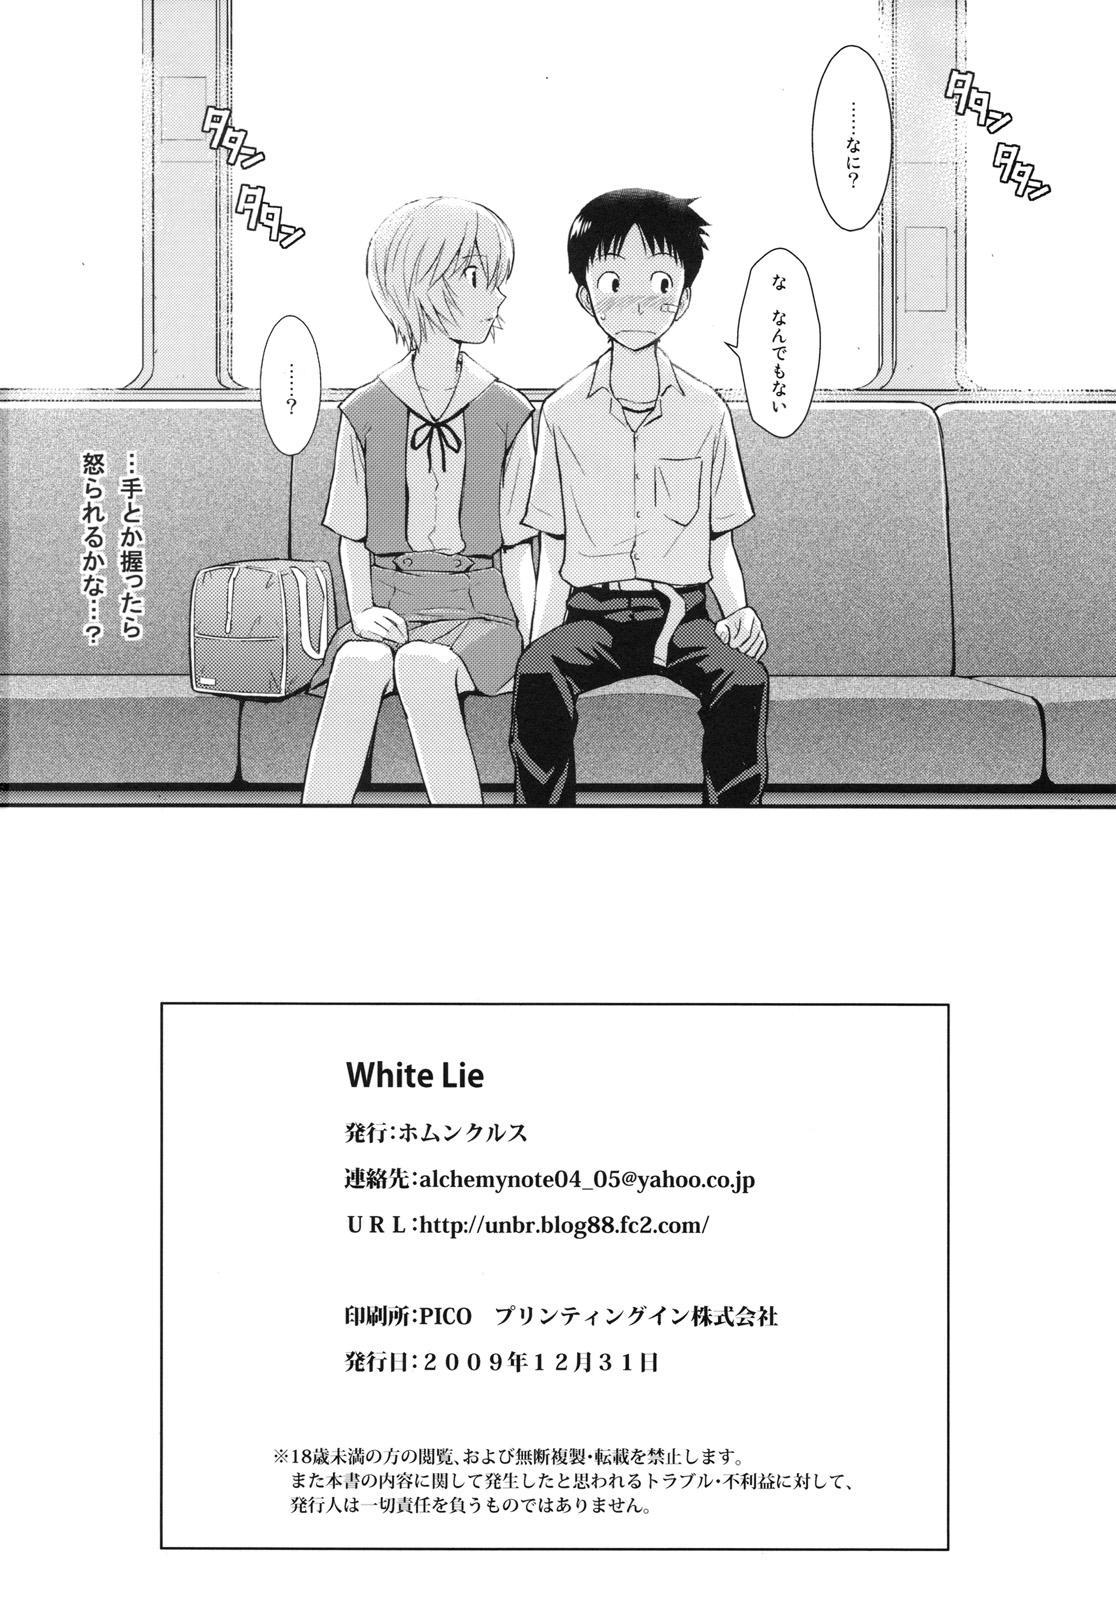 White Lie 33